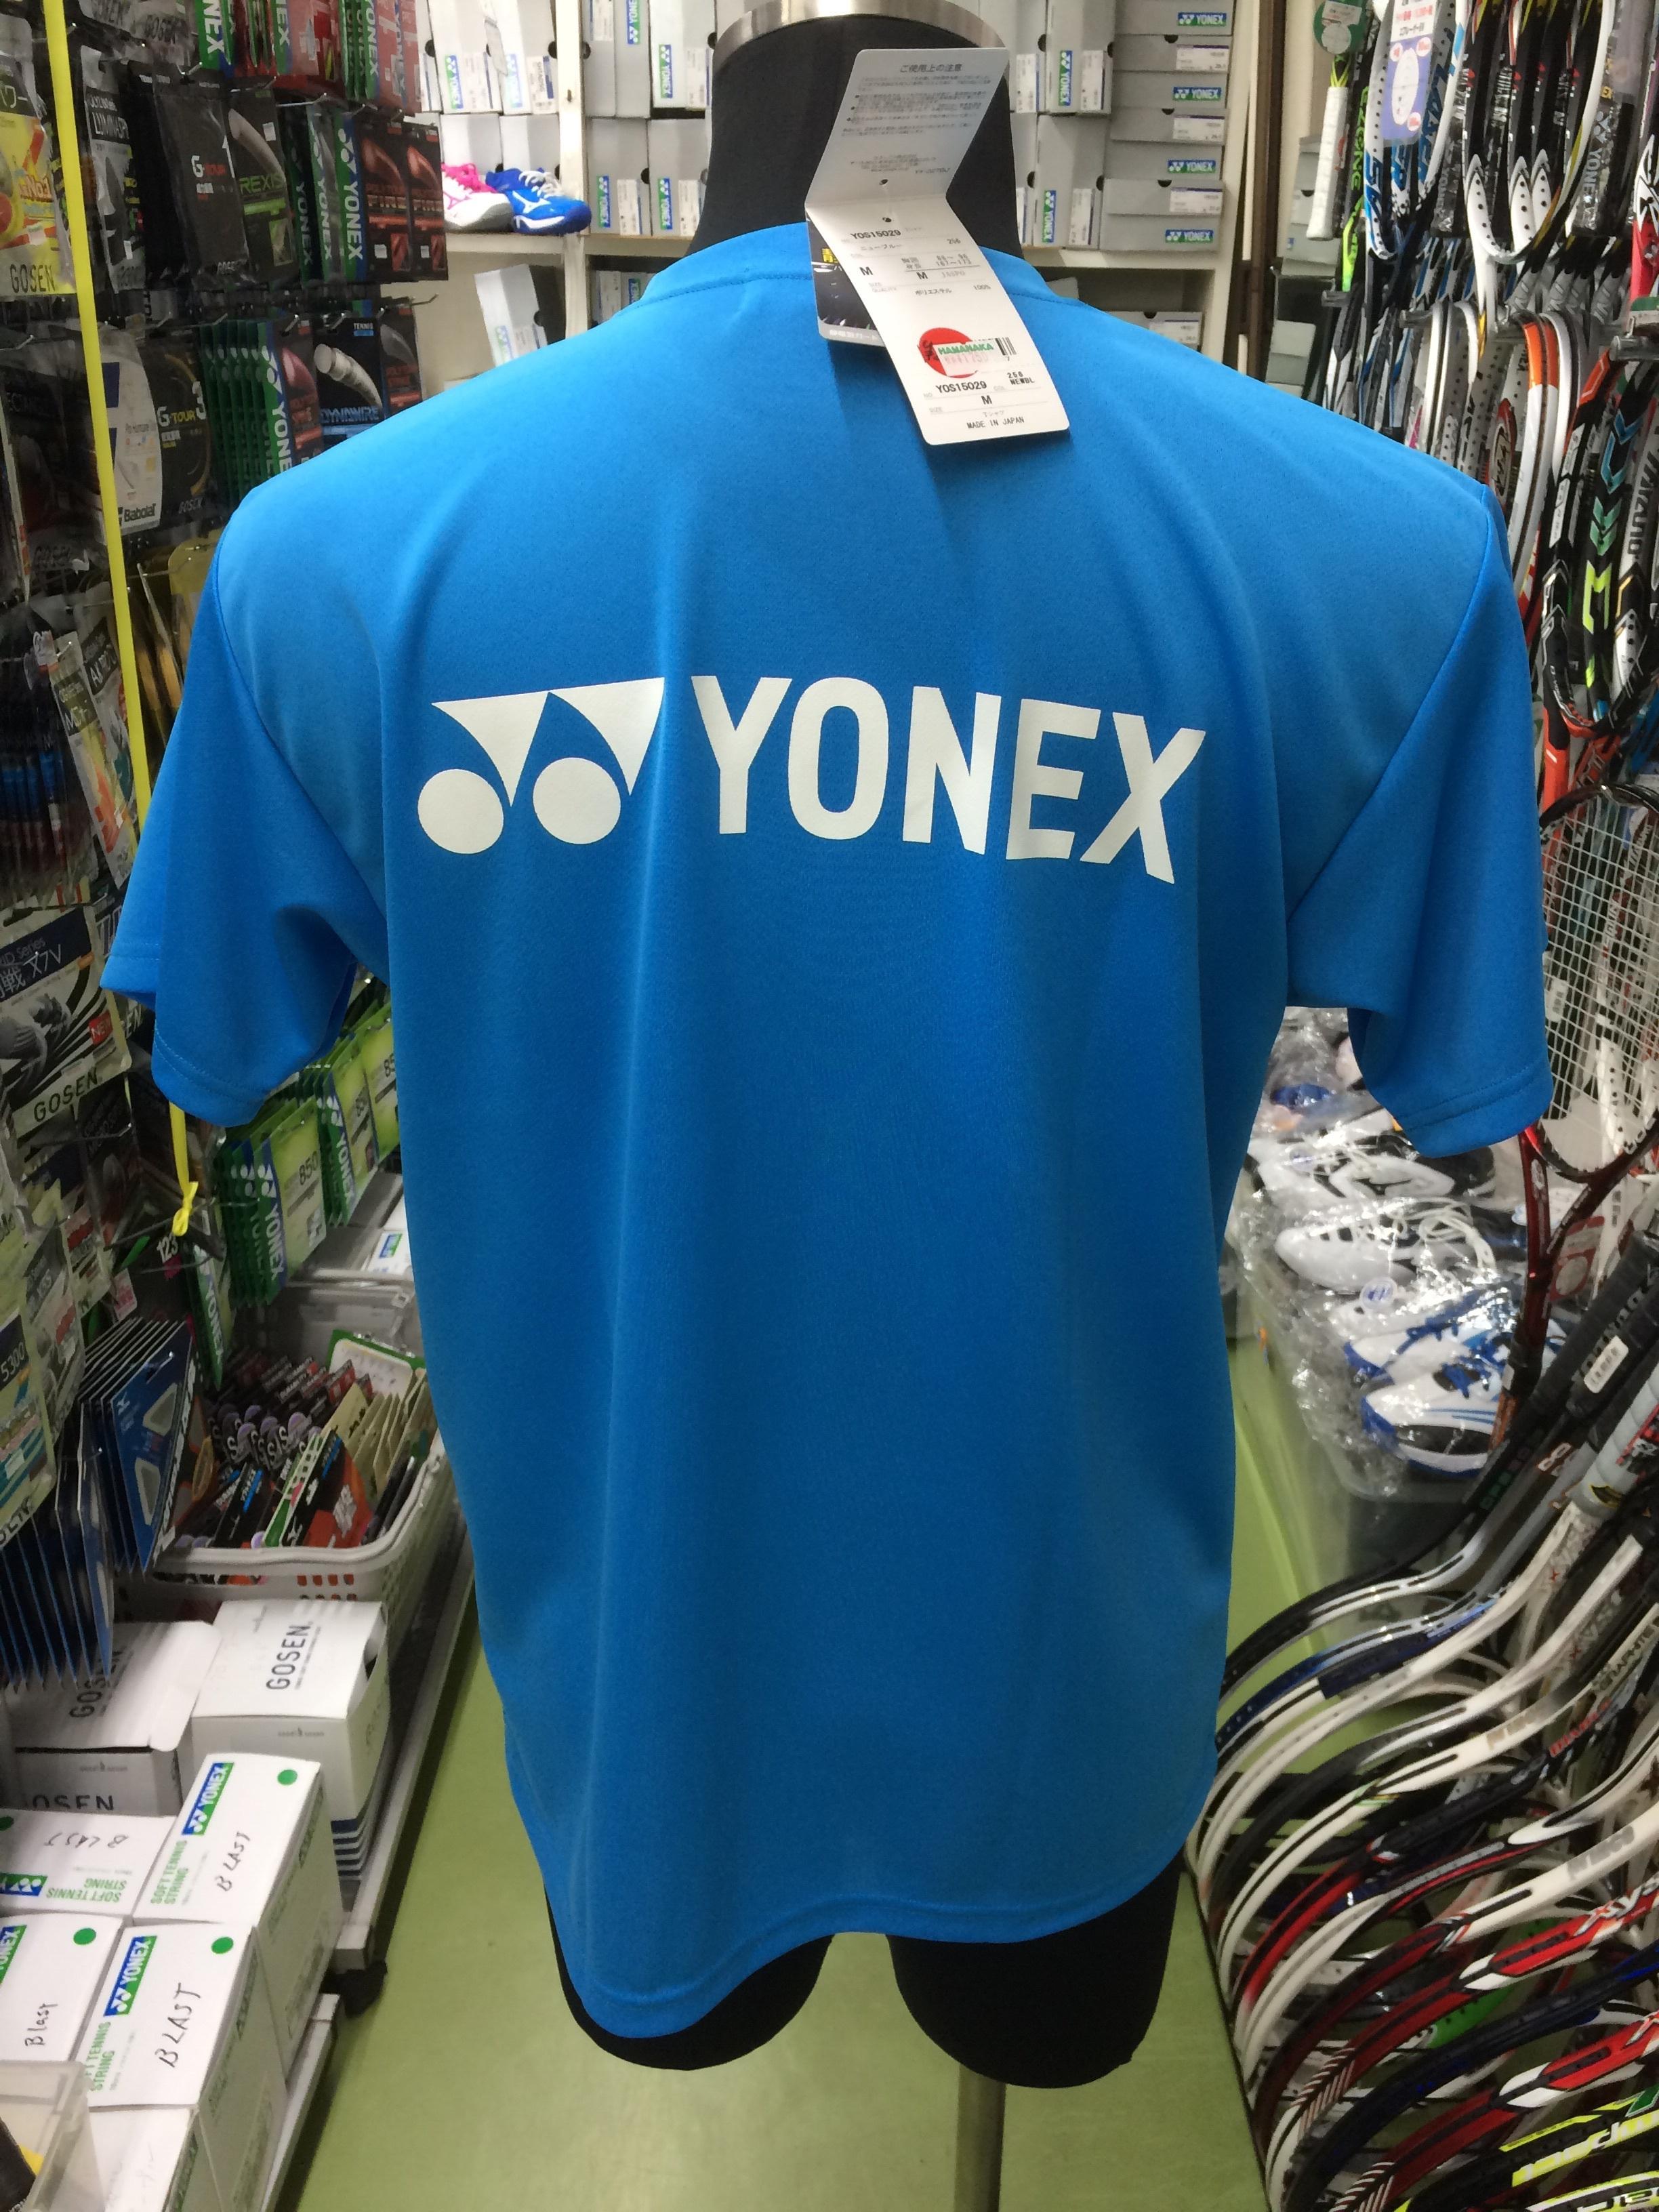 ヨネックス Tシャツ YOS15029 - 画像2